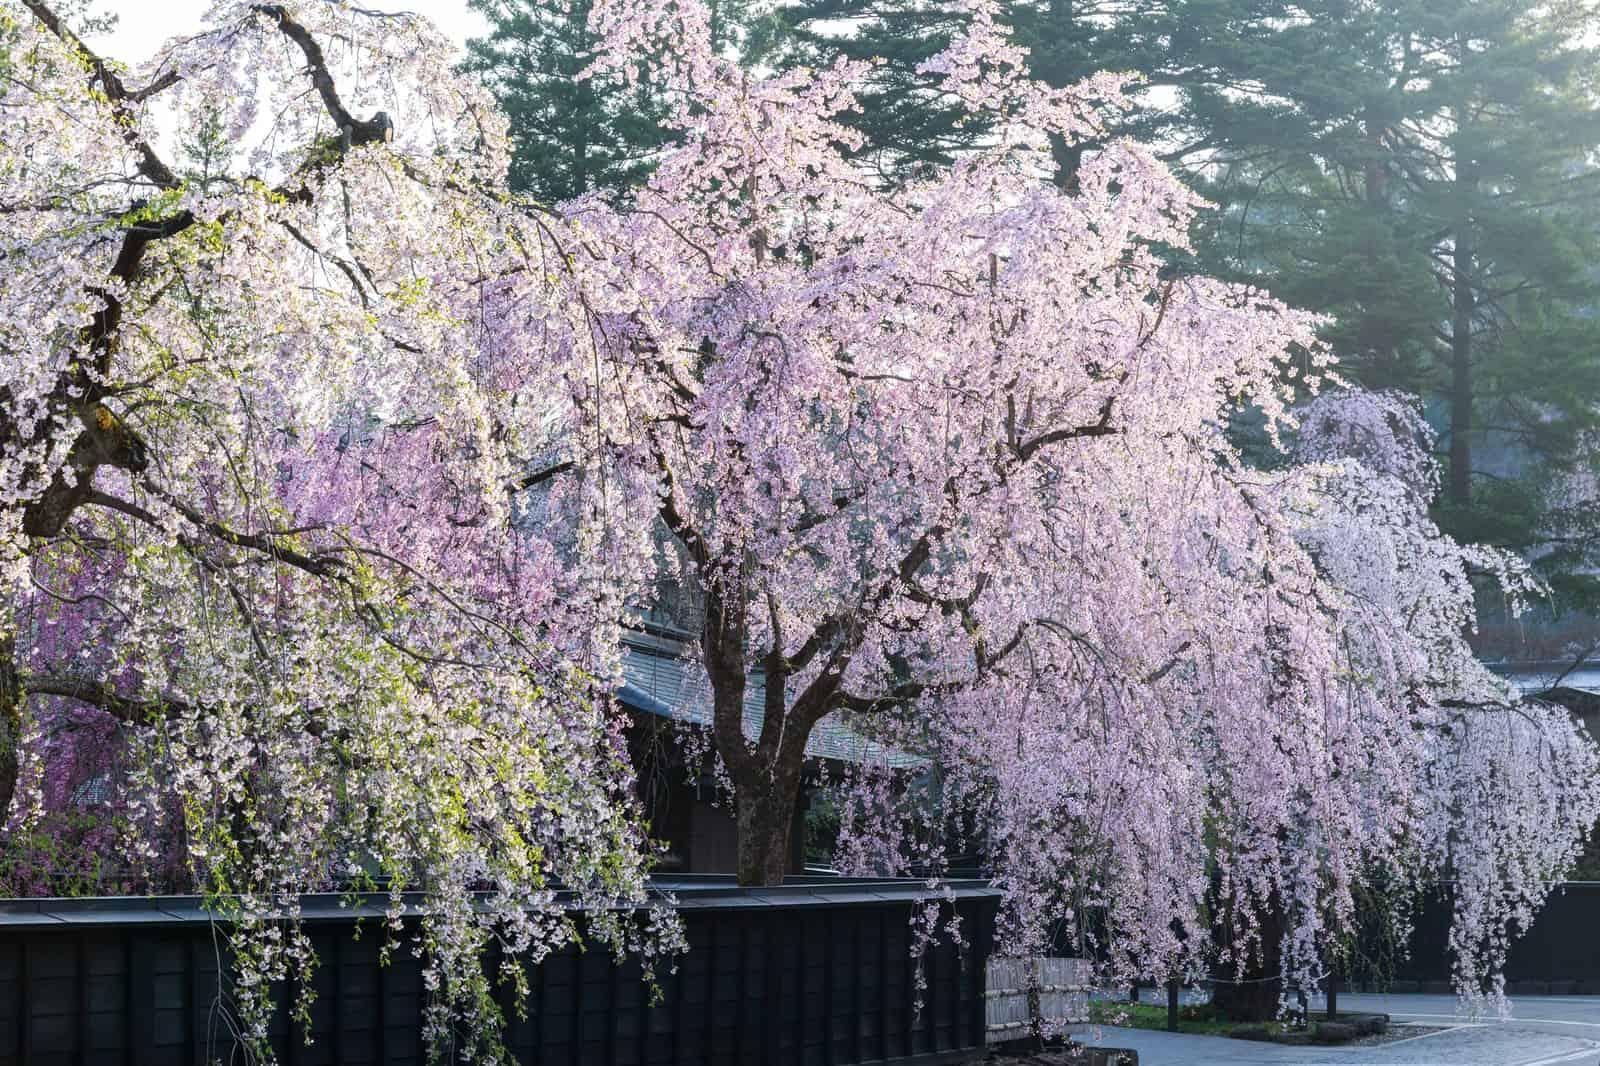 เที่ยว หมู่บ้านซามูไรคาคุโนดาเตะ (Kakunodate Samurai House) อาคิตะ